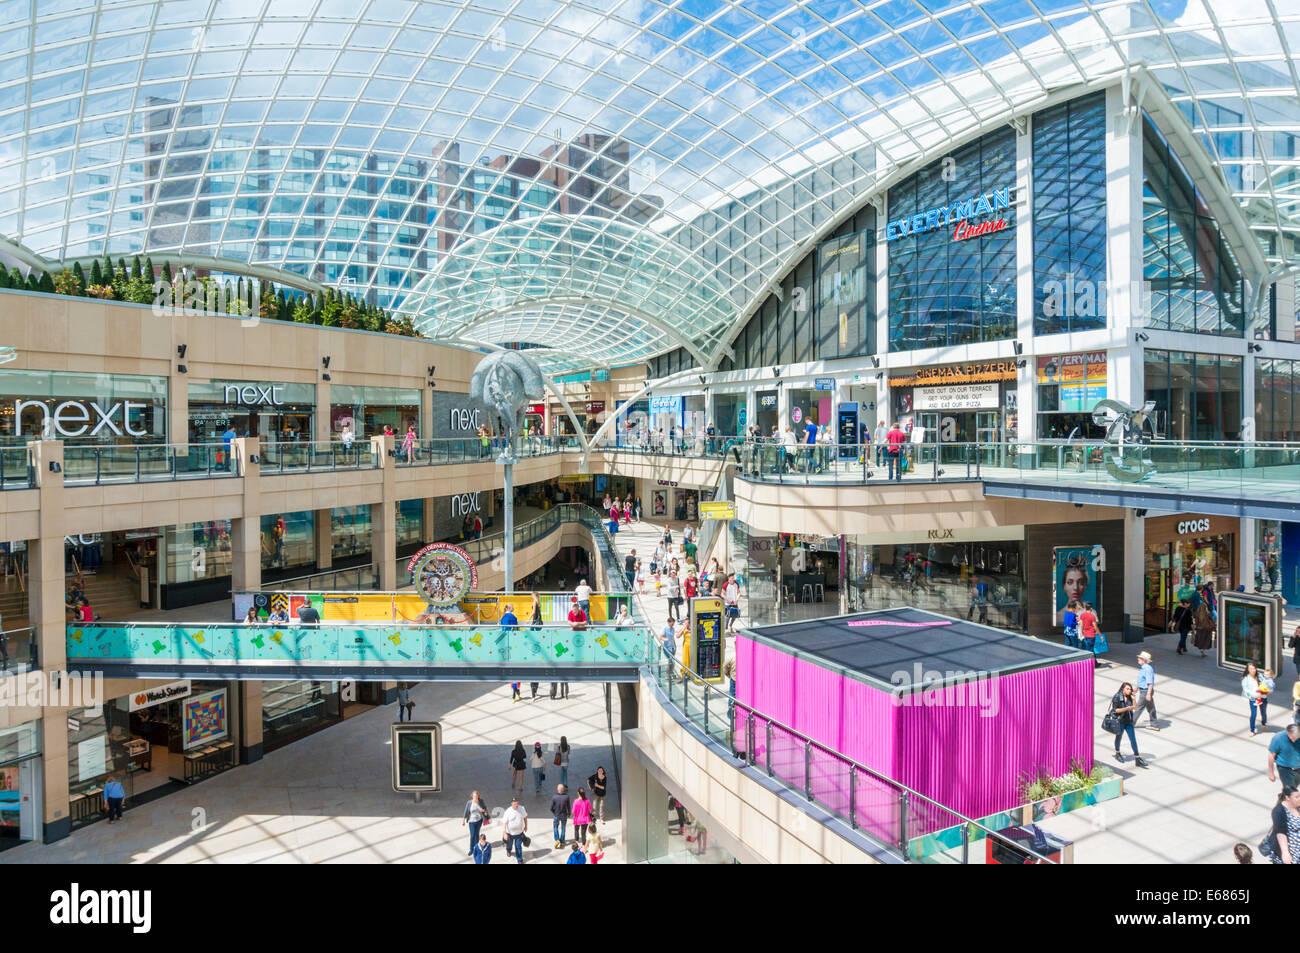 Trinity Leeds Shopping Centre Leeds West Yorkshire England UK GB EU Europe - Stock Image